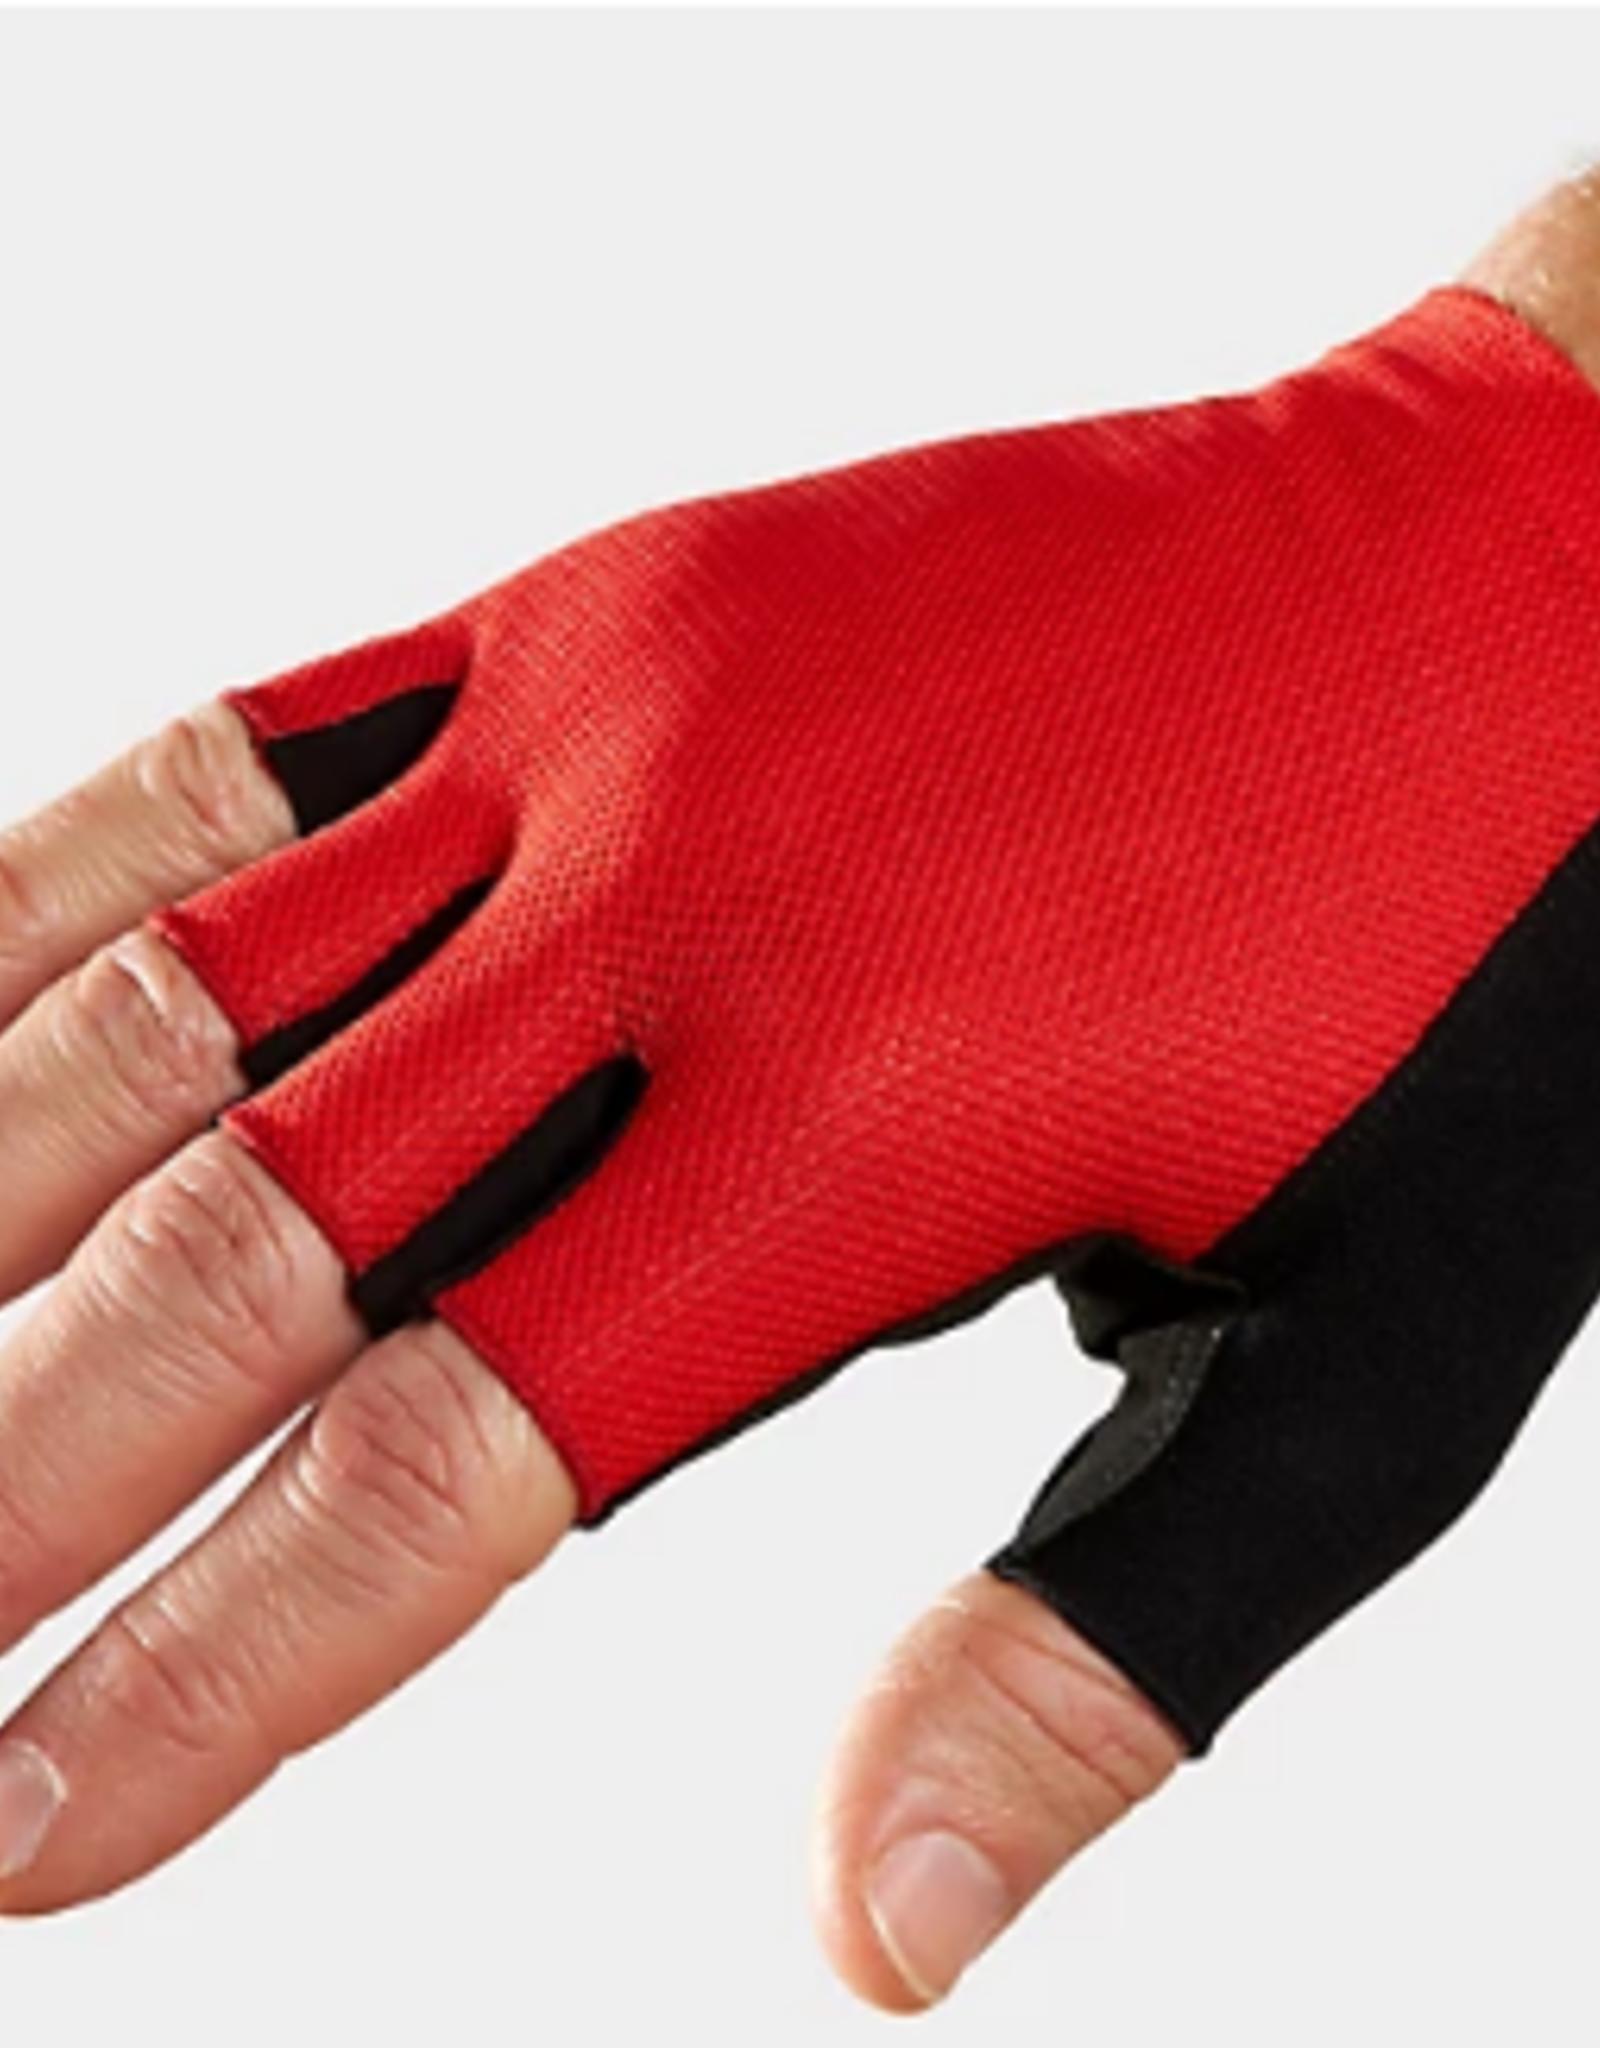 BONTRAGER Glove Bontrager Solstice Flat Bar X-Large Viper Red